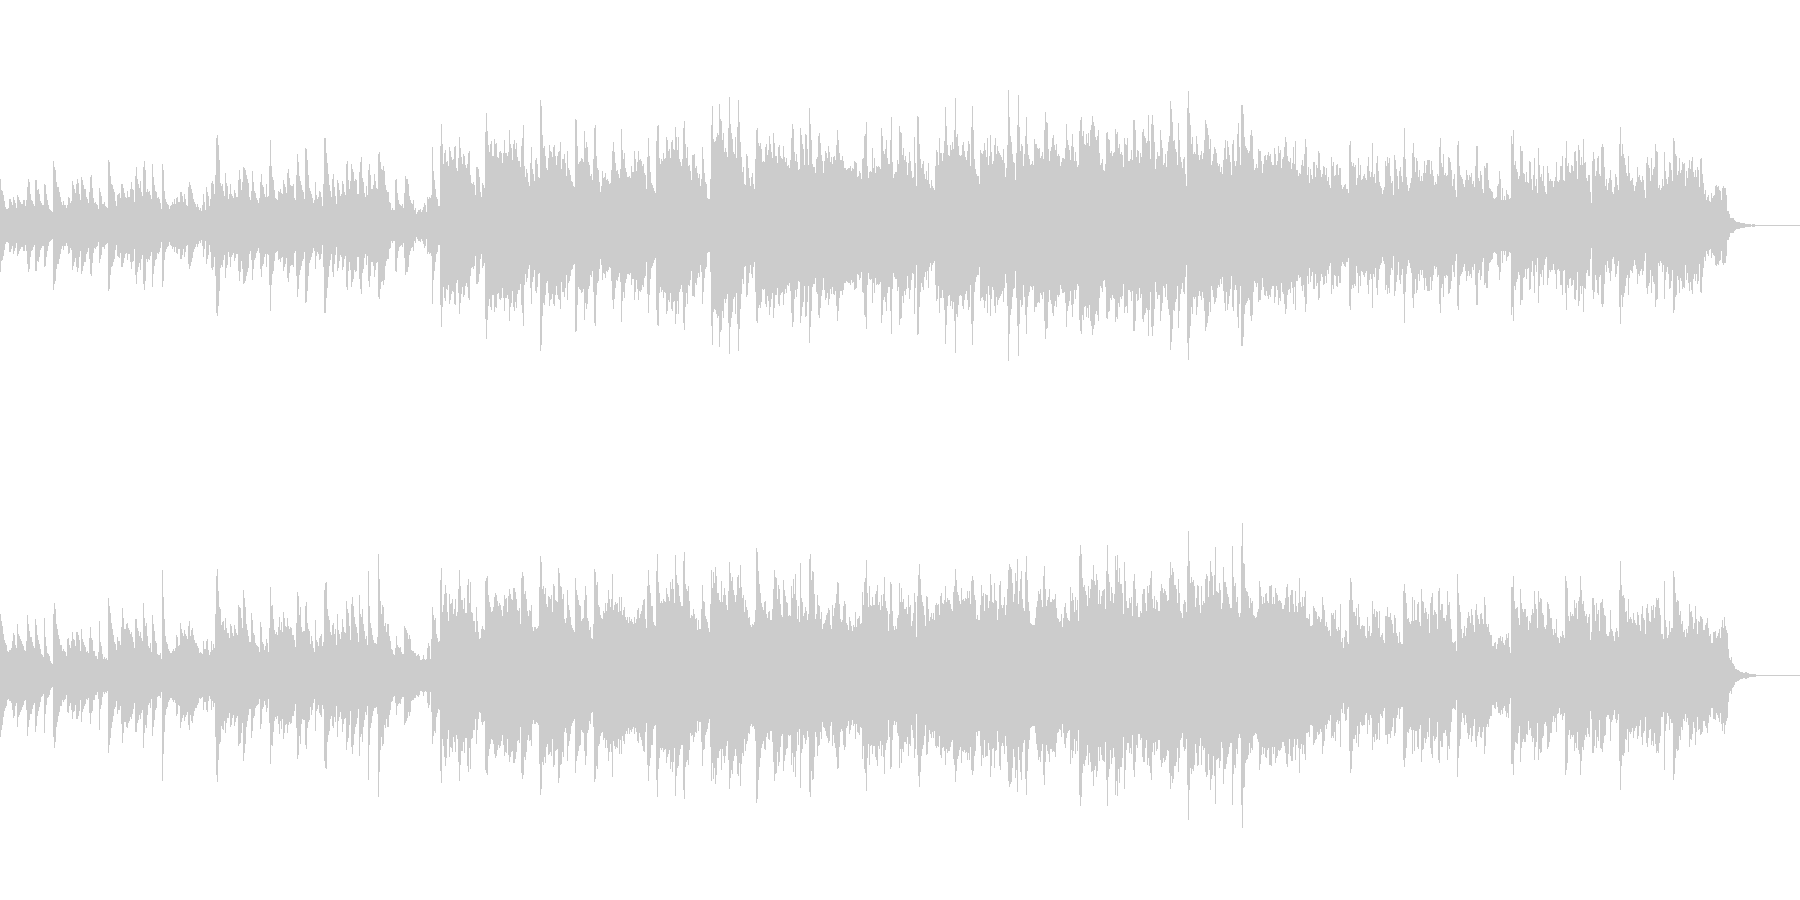 ピアノとストリングスの軽やかな曲の未再生の波形